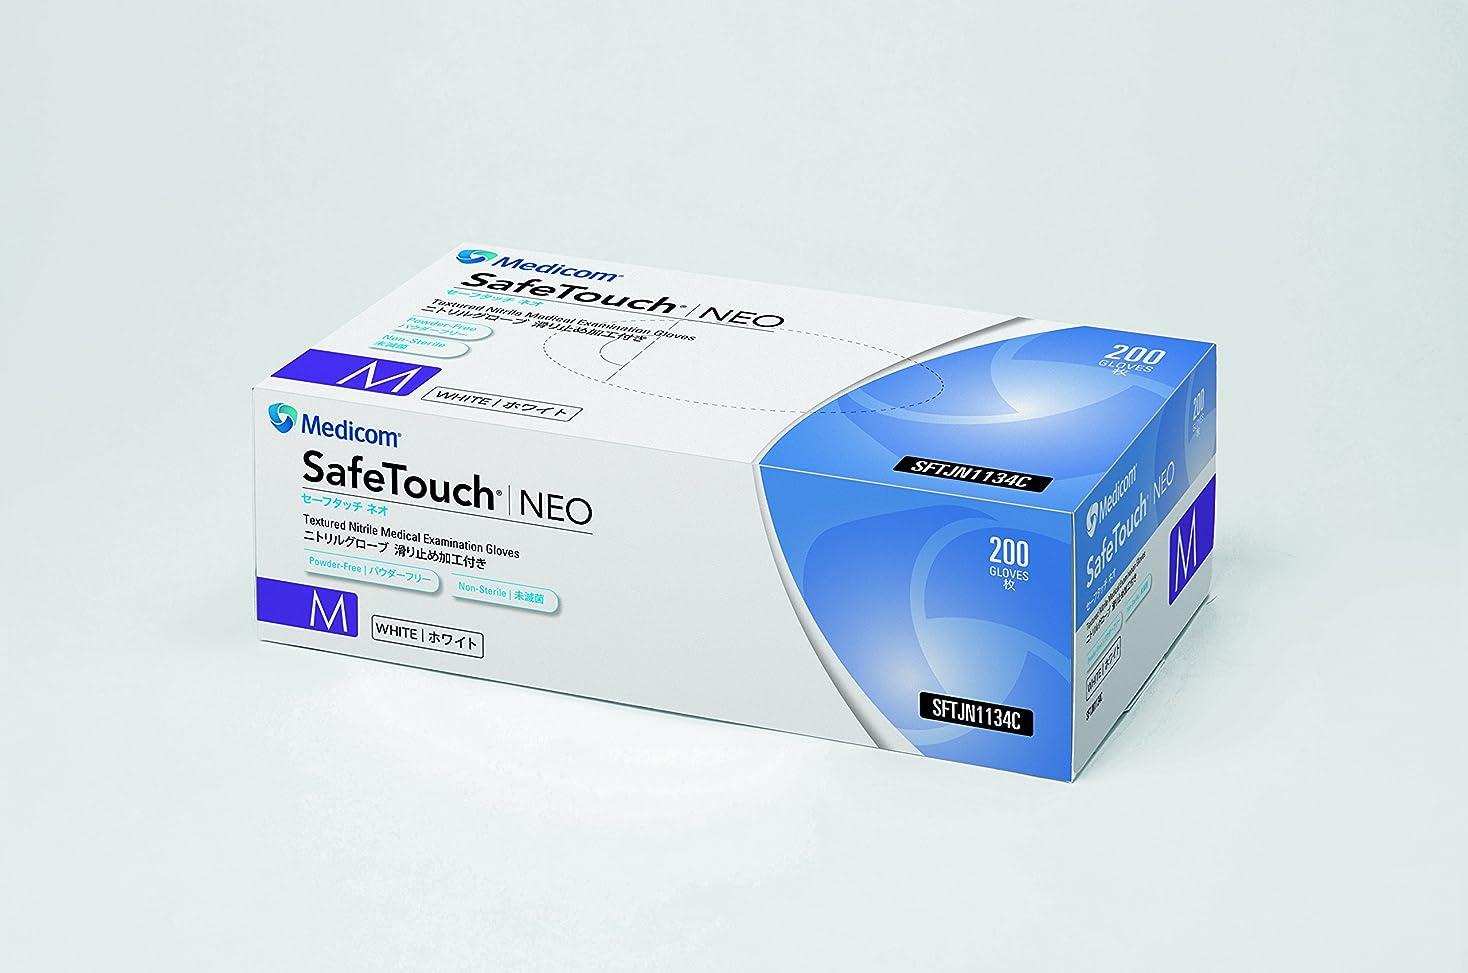 換気するマティス管理するSFTJN1134Cセーフタッチ ネオ ニトリルグローブ ホワイト M 200枚/箱